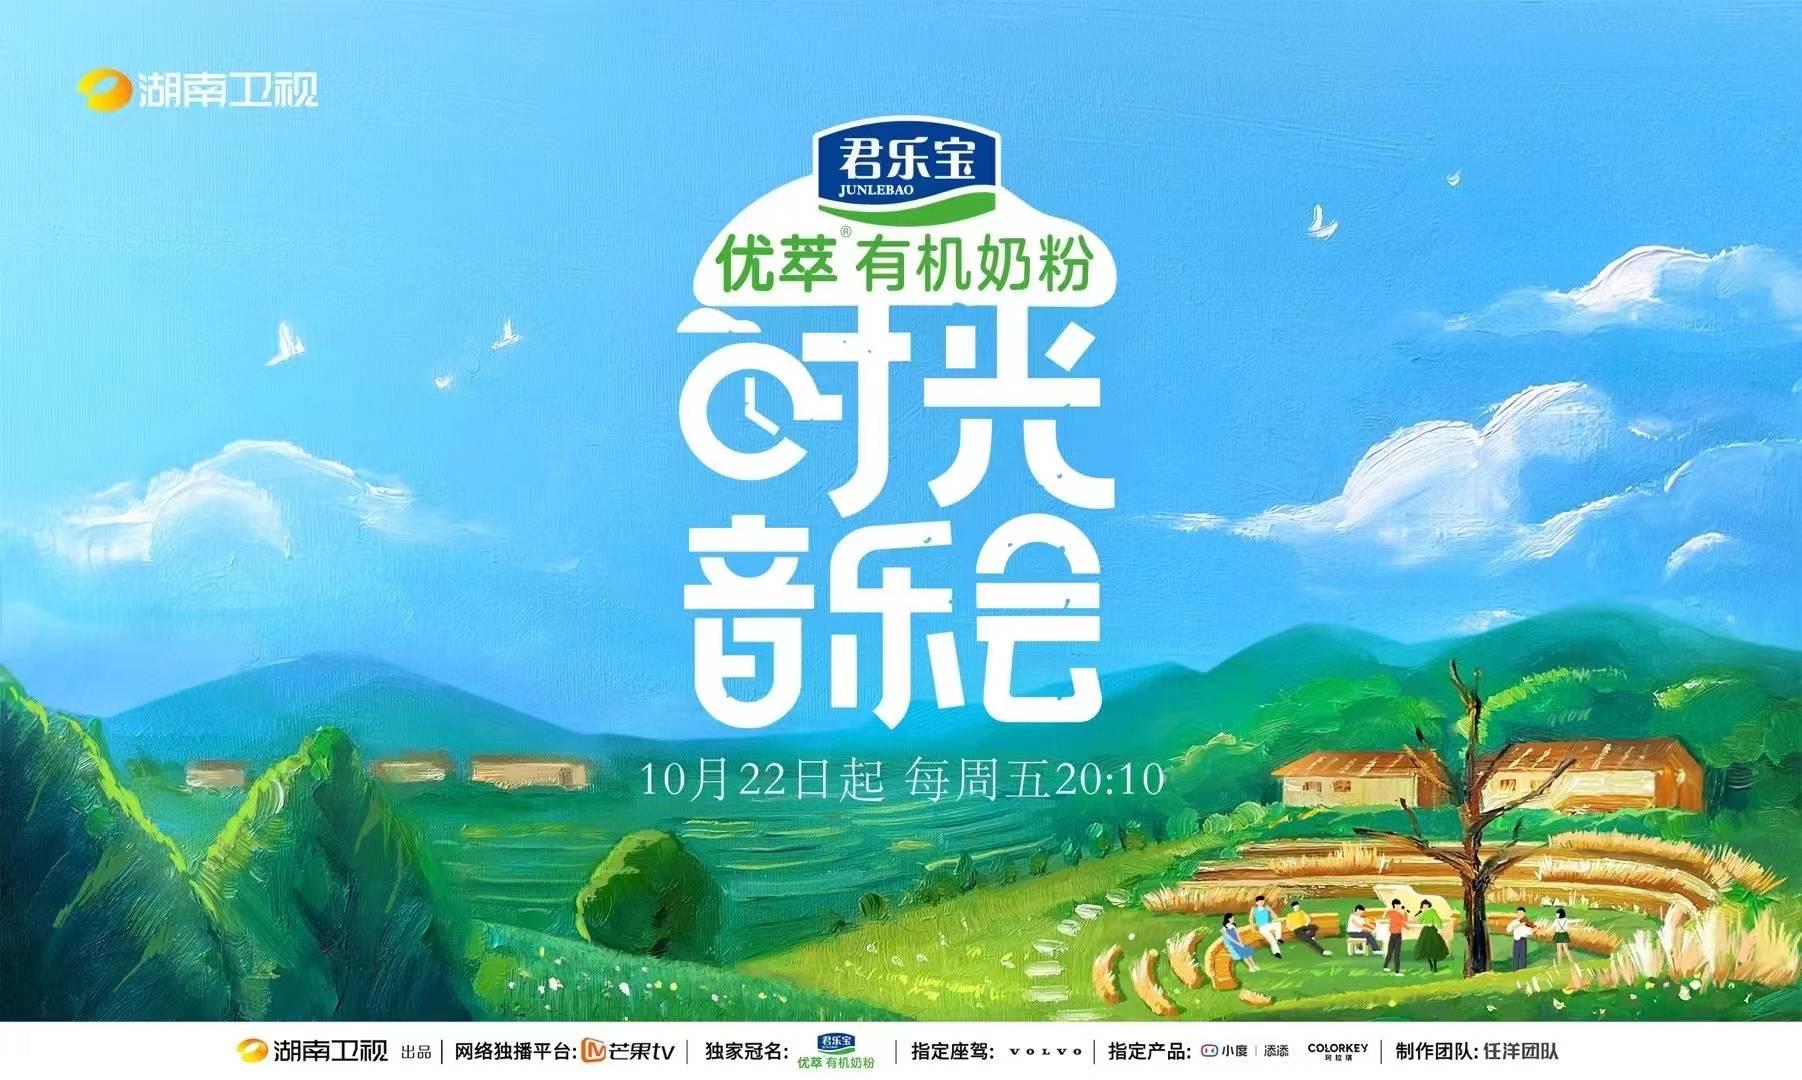 湖南卫视10月22日推出《时光音乐会》 经典歌曲在张家界回荡